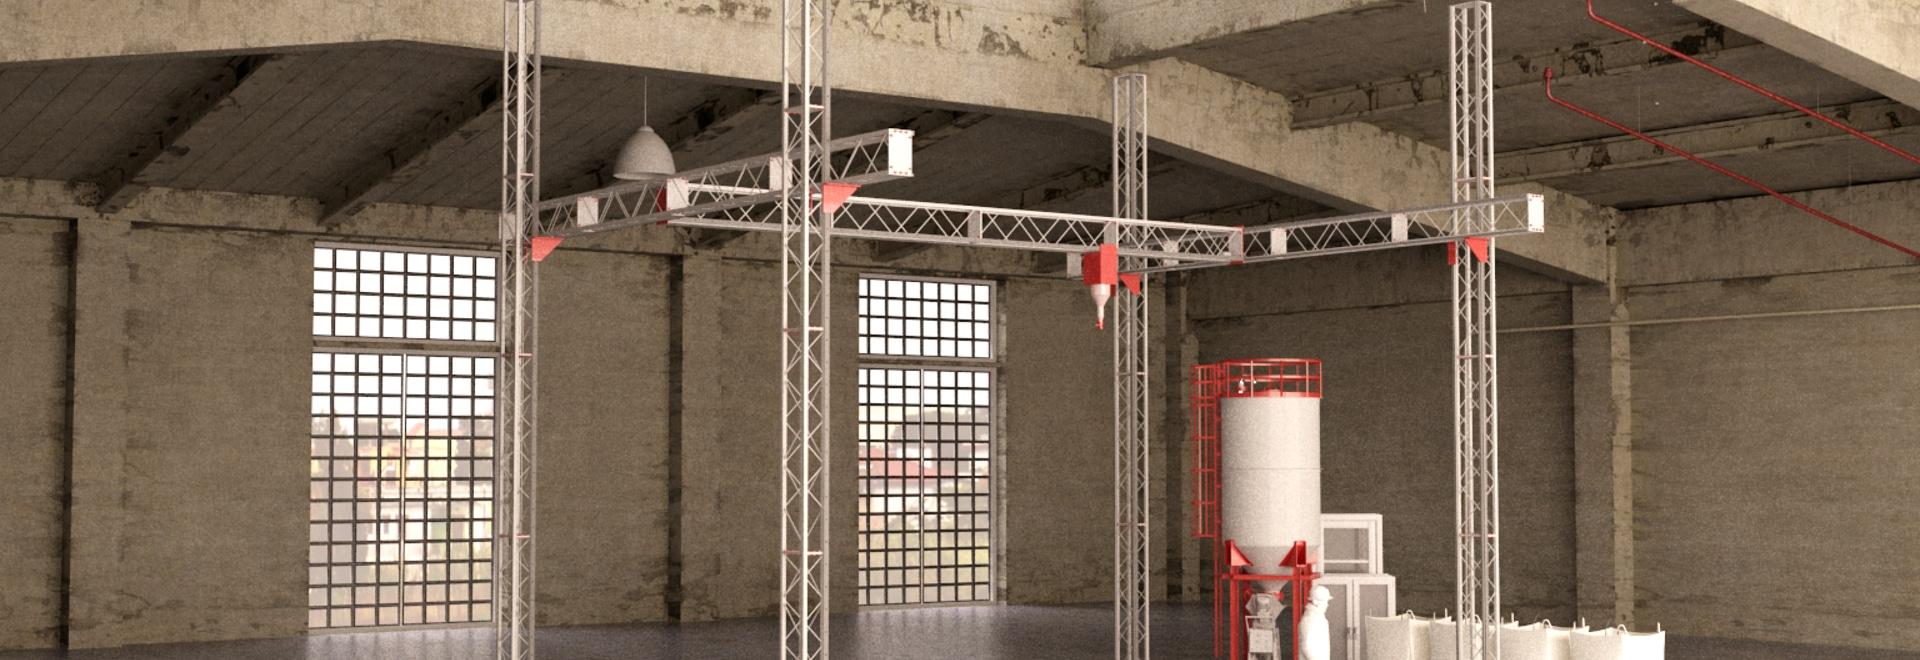 Nuevo 3D imprimió casas de la empresa de la construcción COBOD internacional